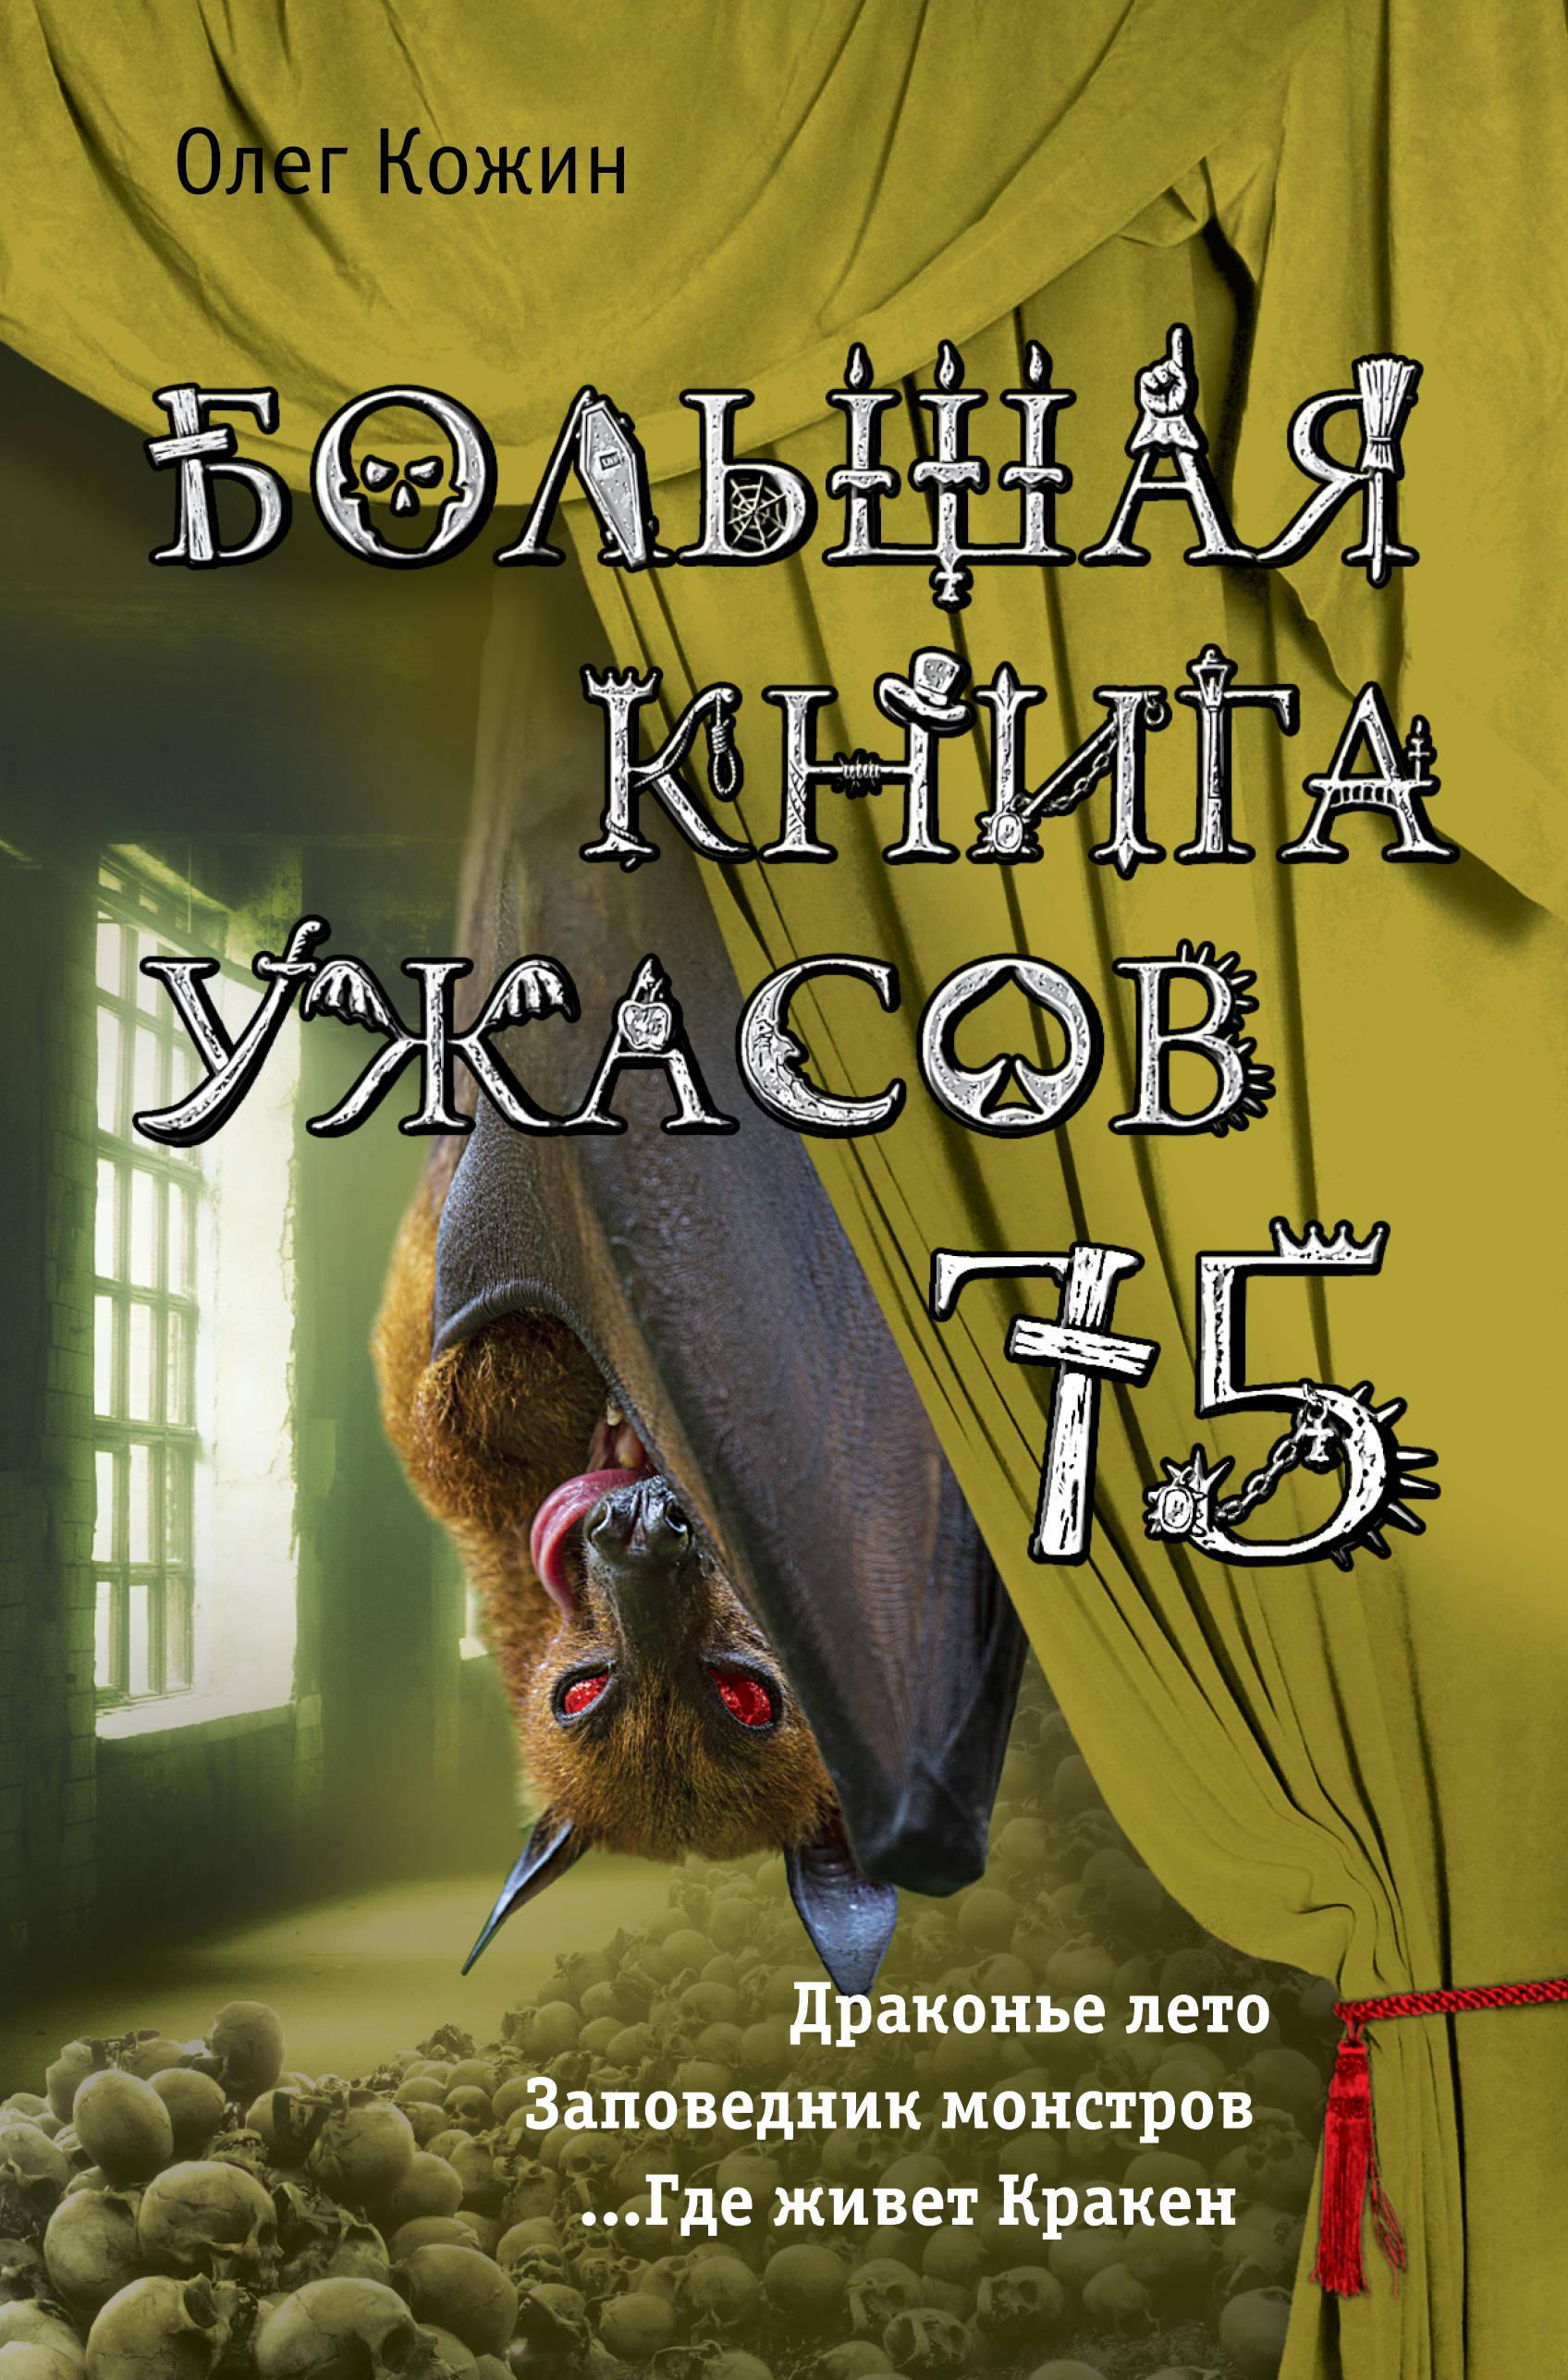 Кожин Олег Игоревич Большая книга ужасов 75 ISBN: 978-5-699-97863-2